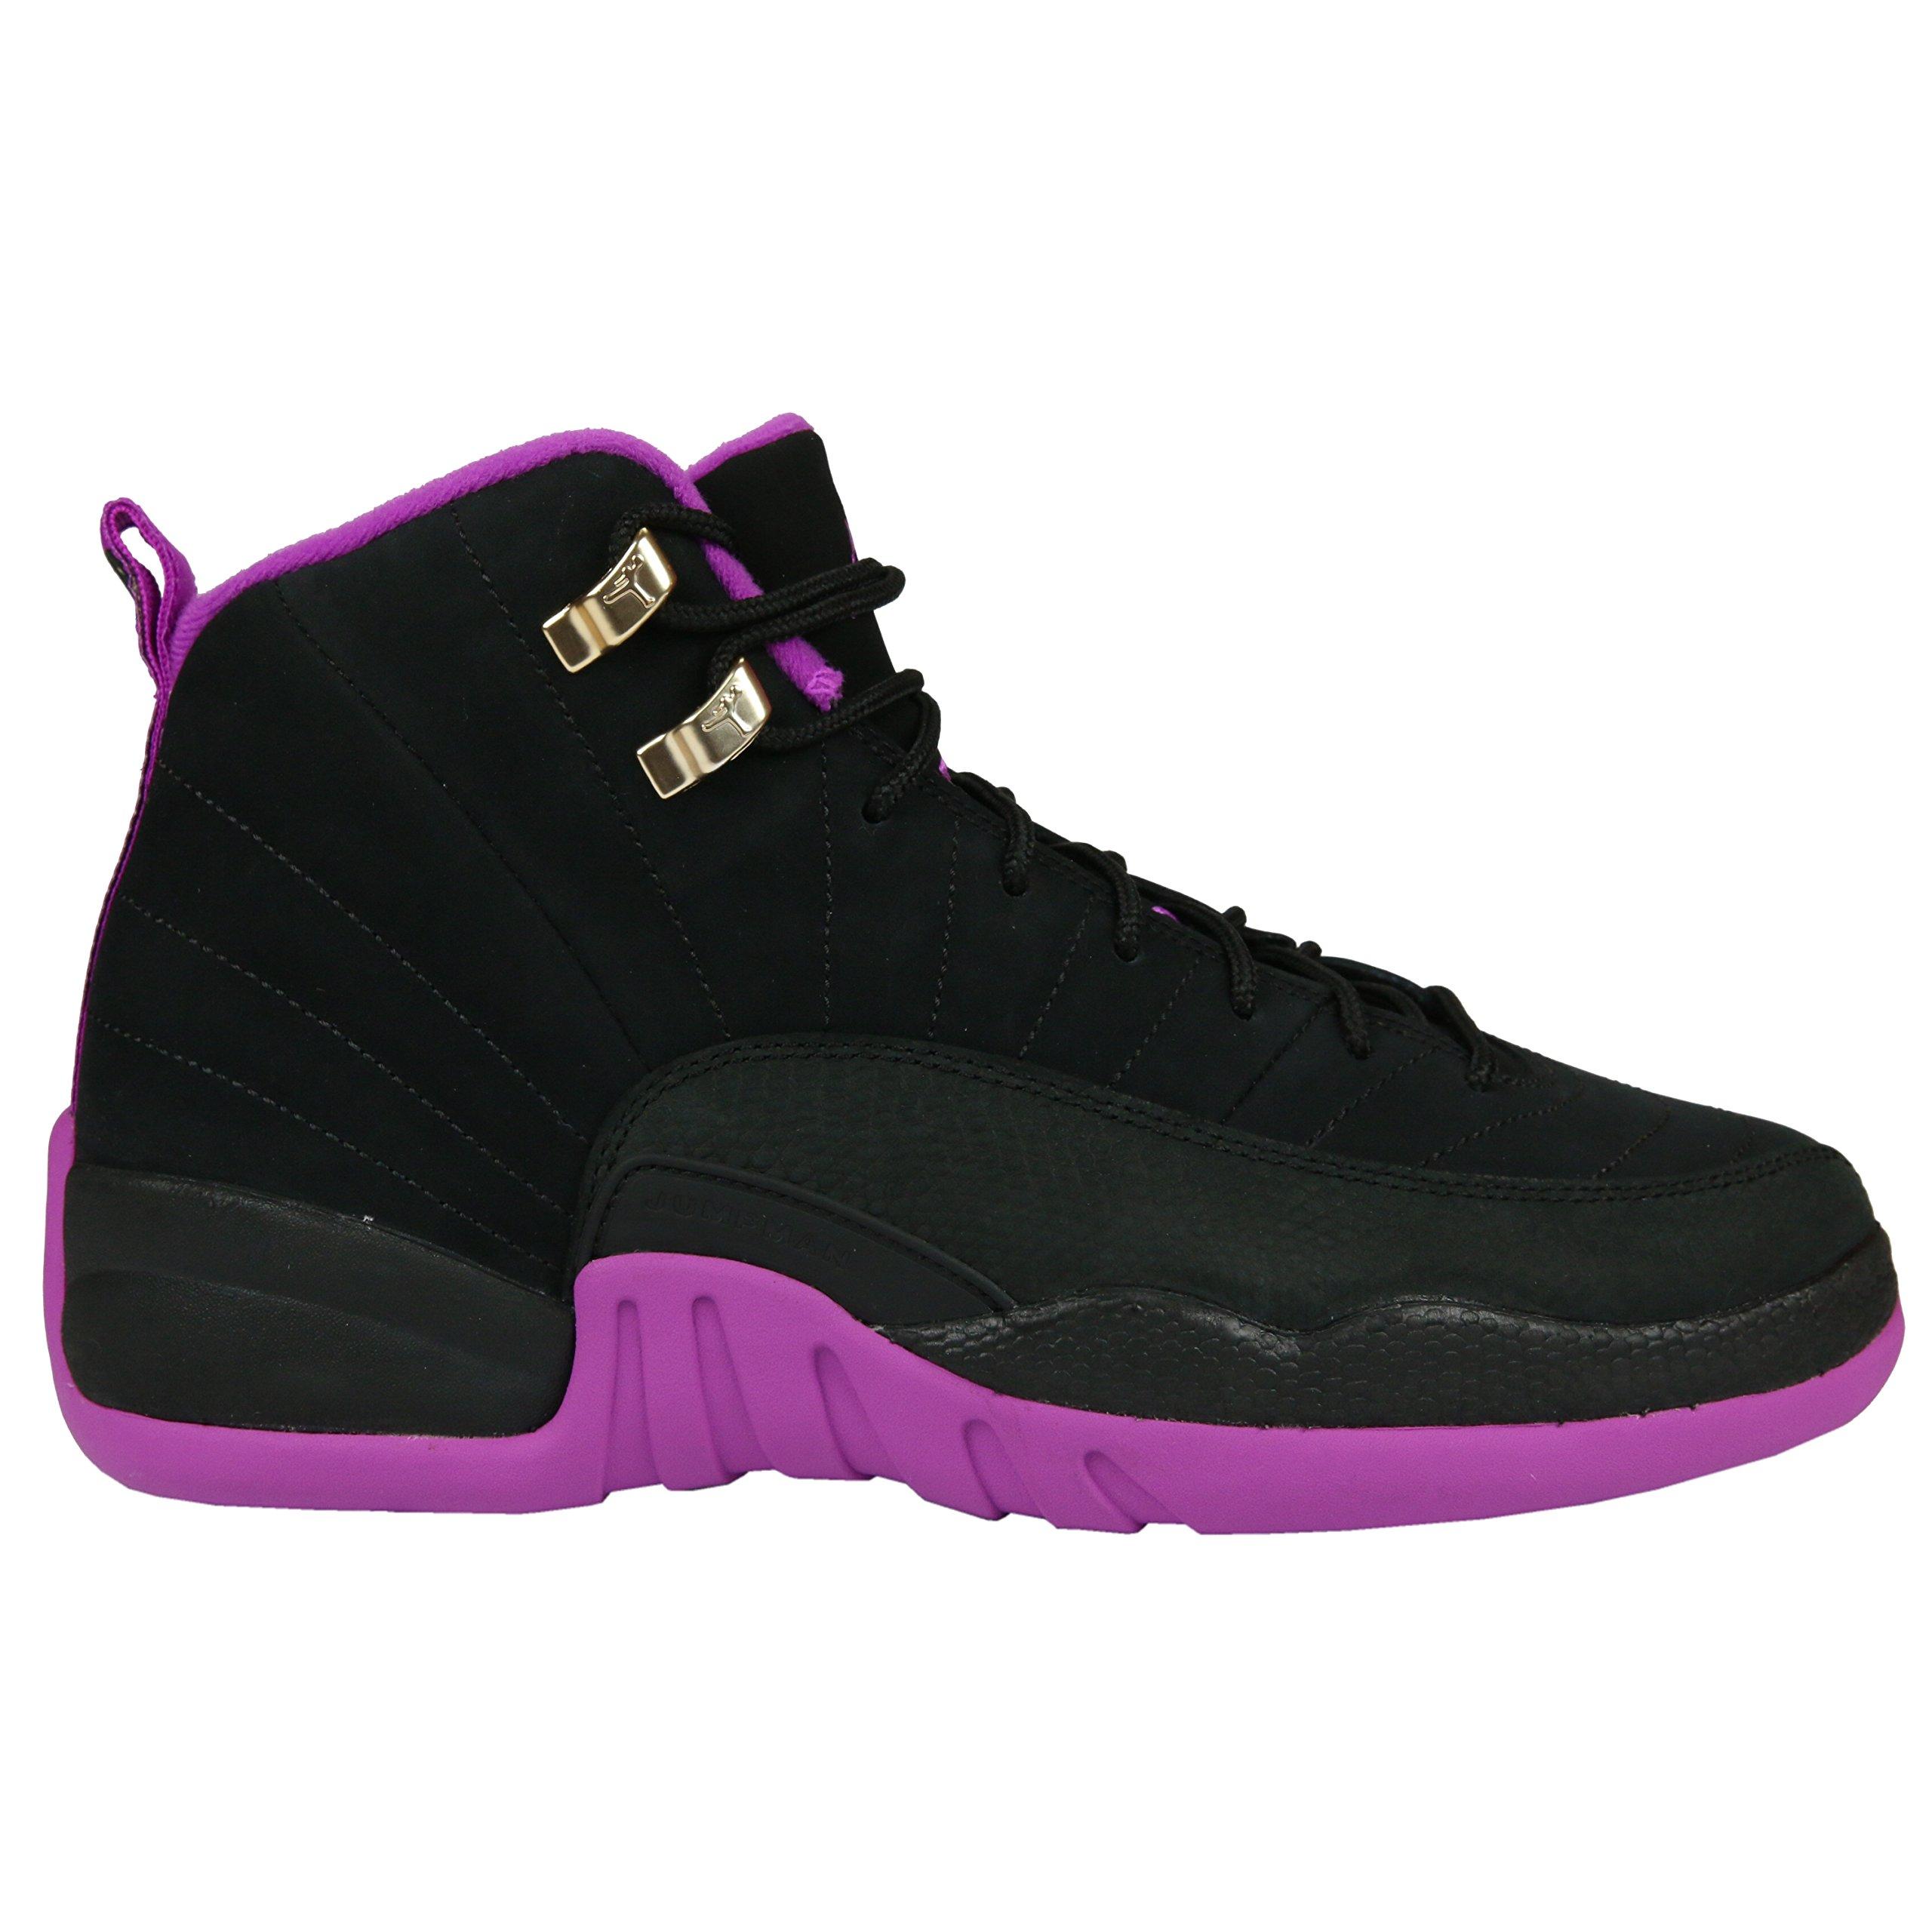 Nike Air Jordan 12 Hyper Violet Kings GS GG 510815-018 US Size 5Y by NIKE